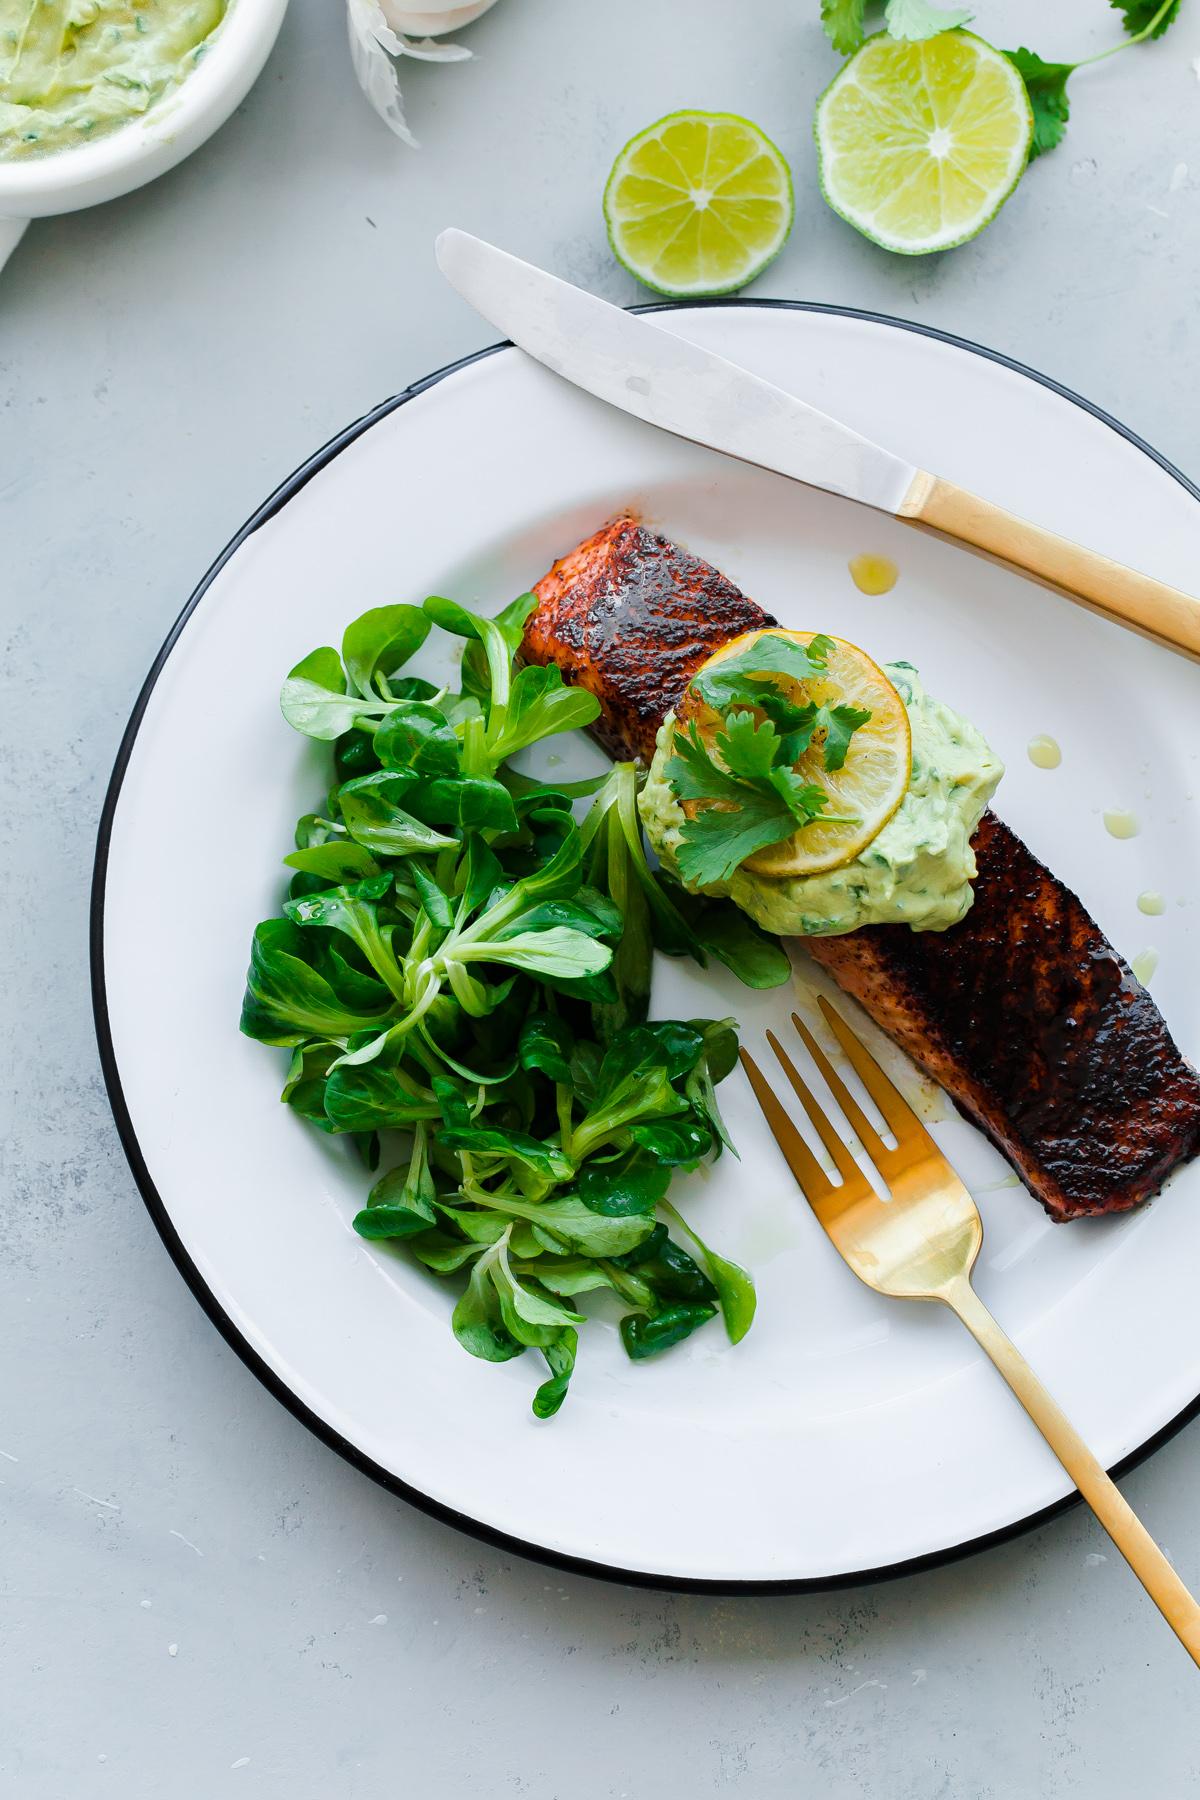 Avocado Recipes Vegetarian Dinners